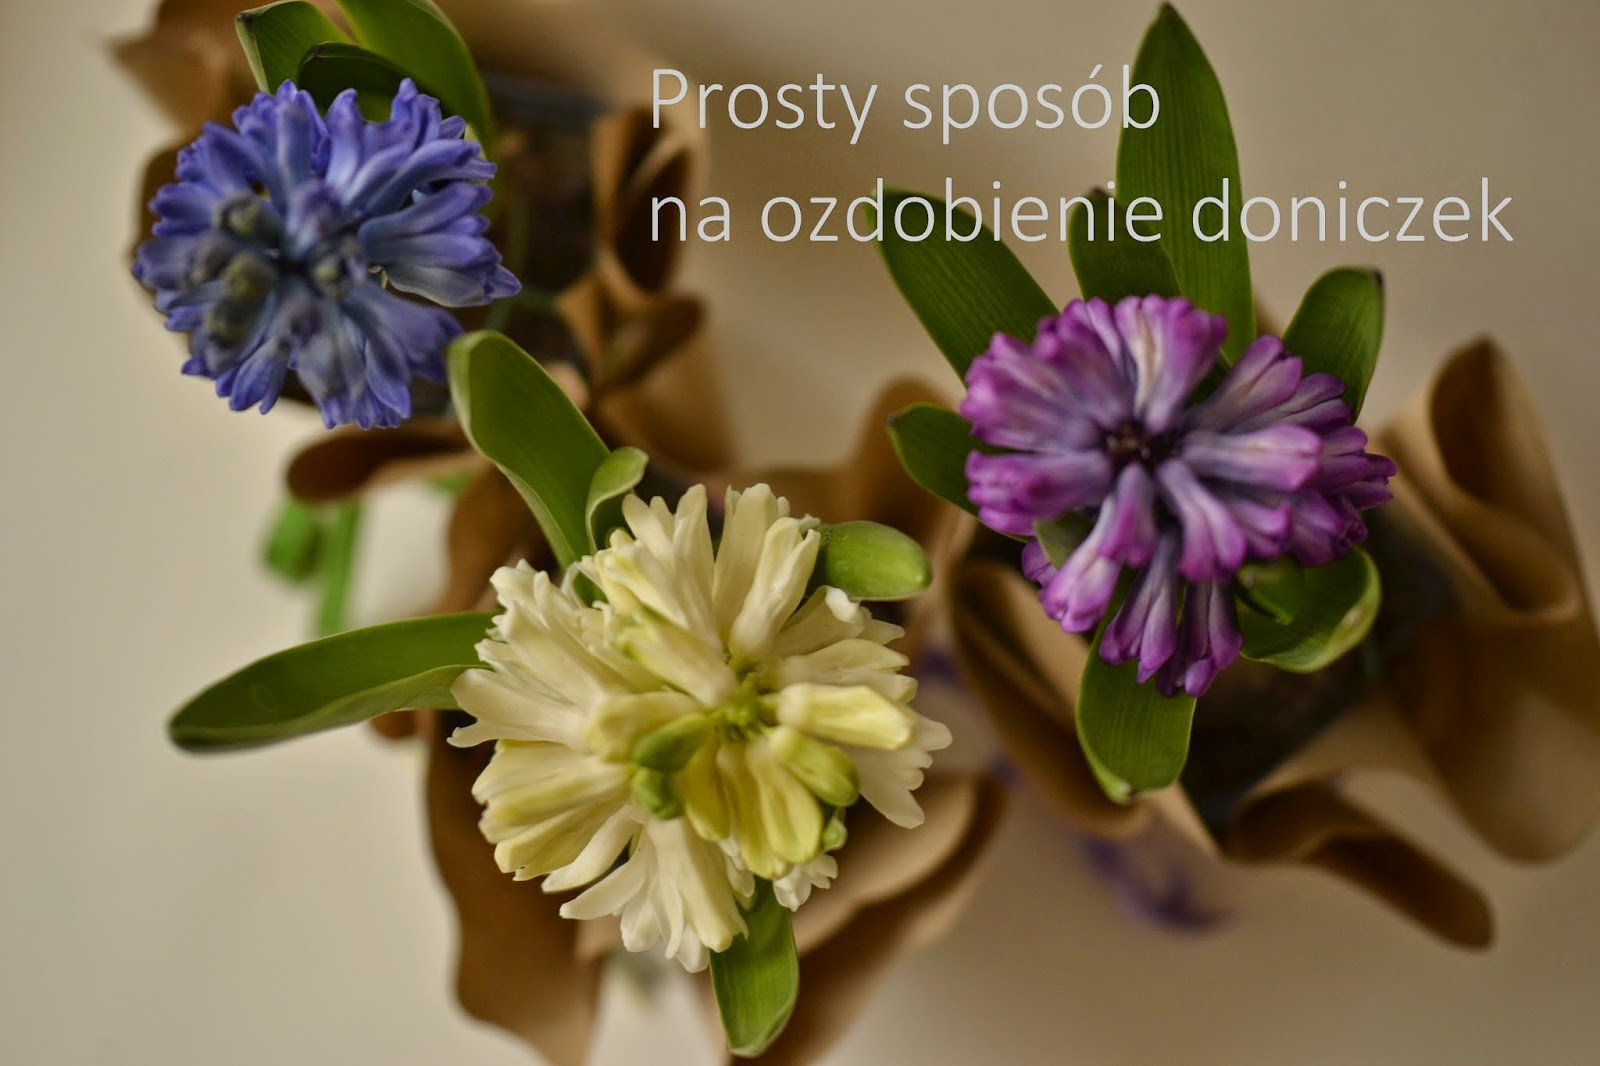 Prosty sposób na ozdobienie doniczek z kwiatami